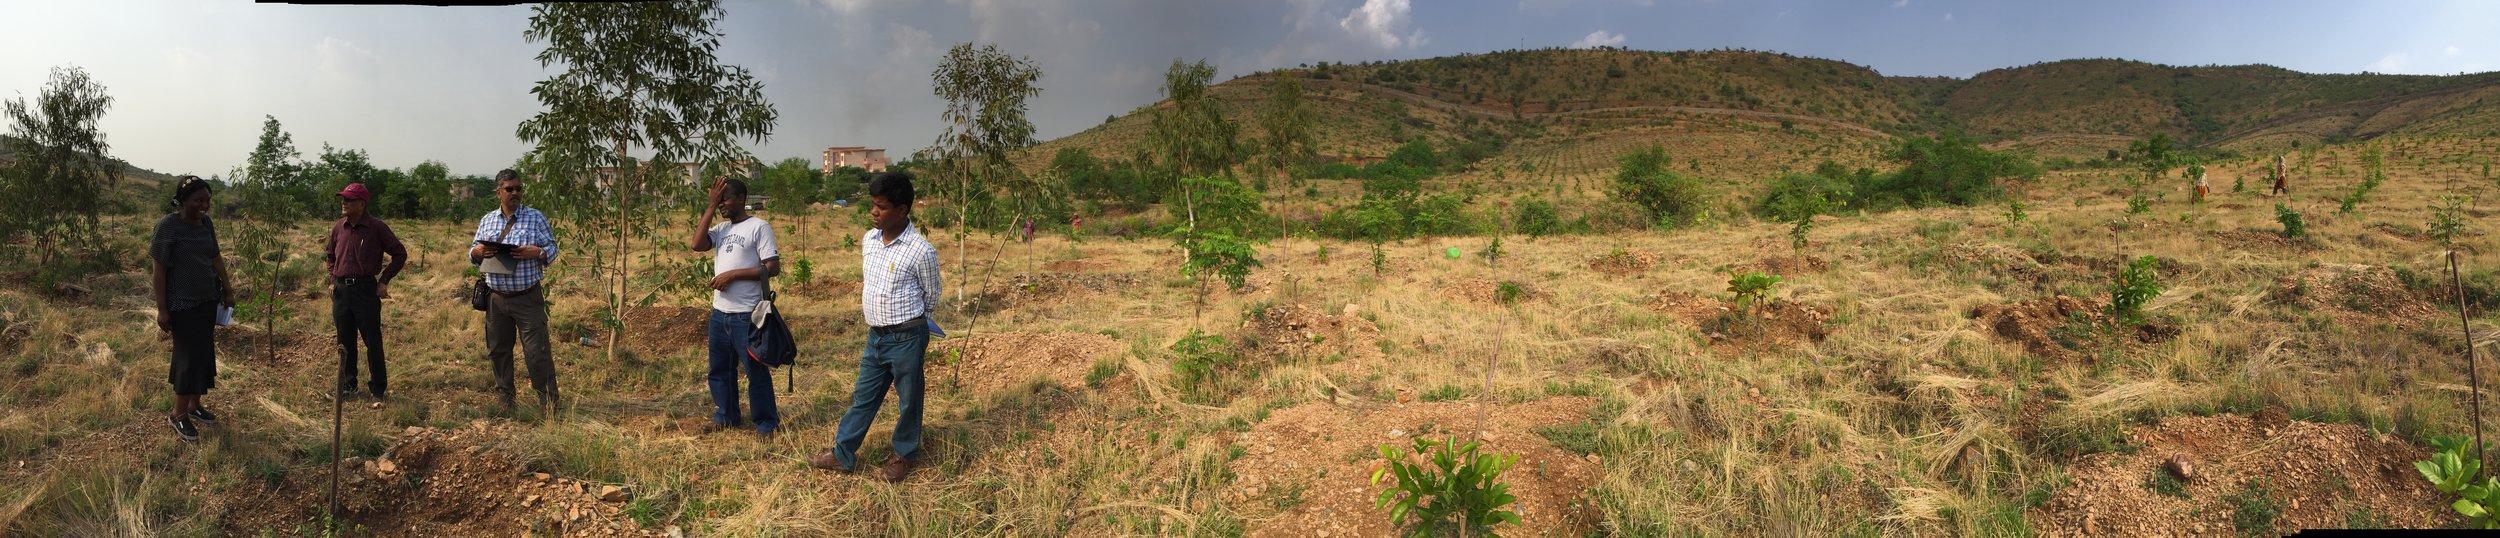 Visiting  plantation at JSW in Karnataka